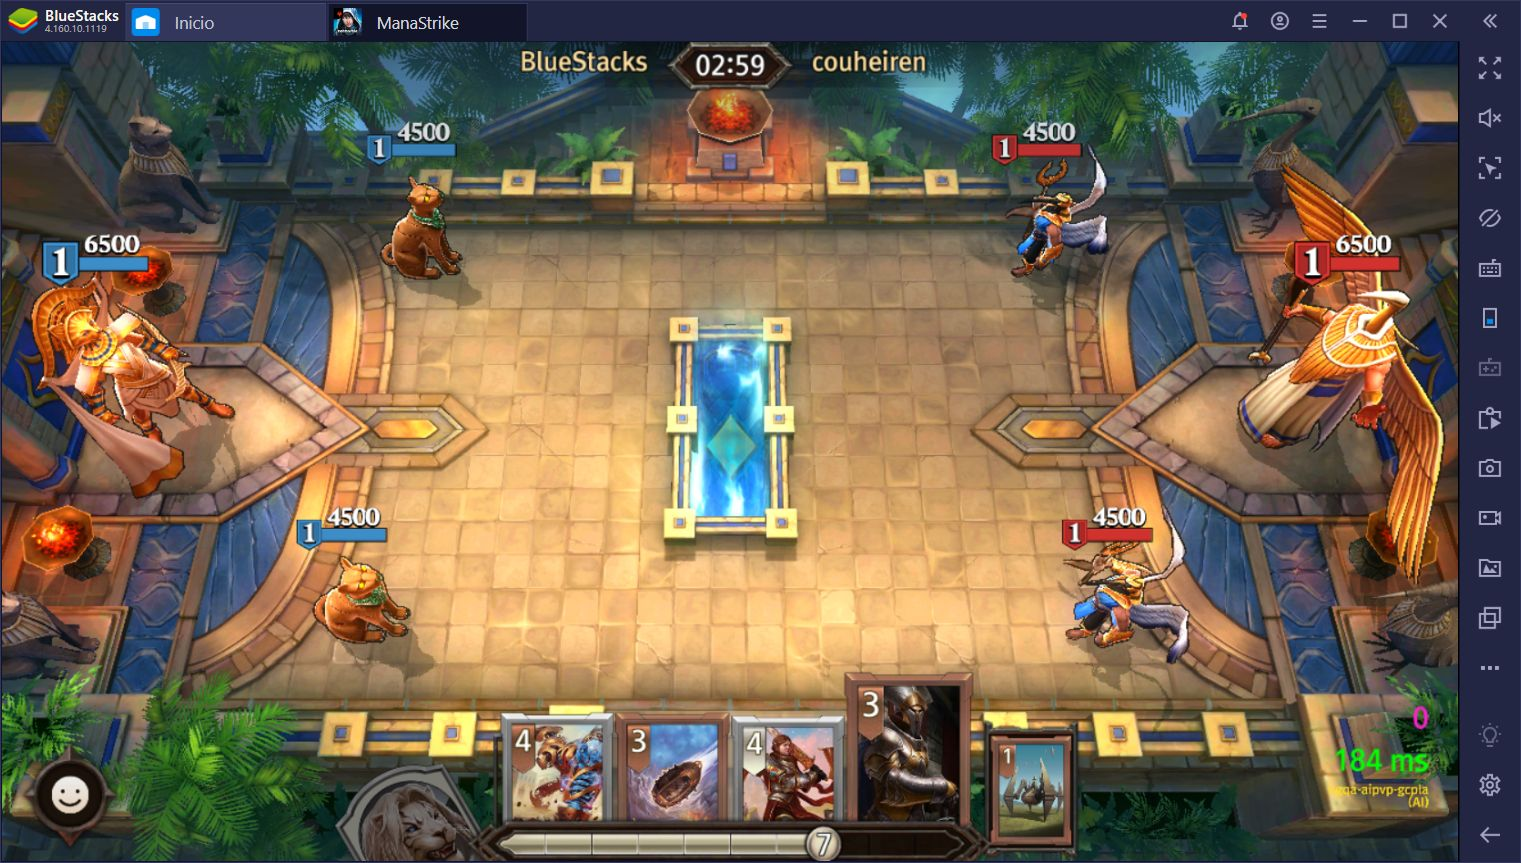 Magic: ManaStrike - El Juego de Estrategia de la Misma Gente Detrás de Magic: The Gathering